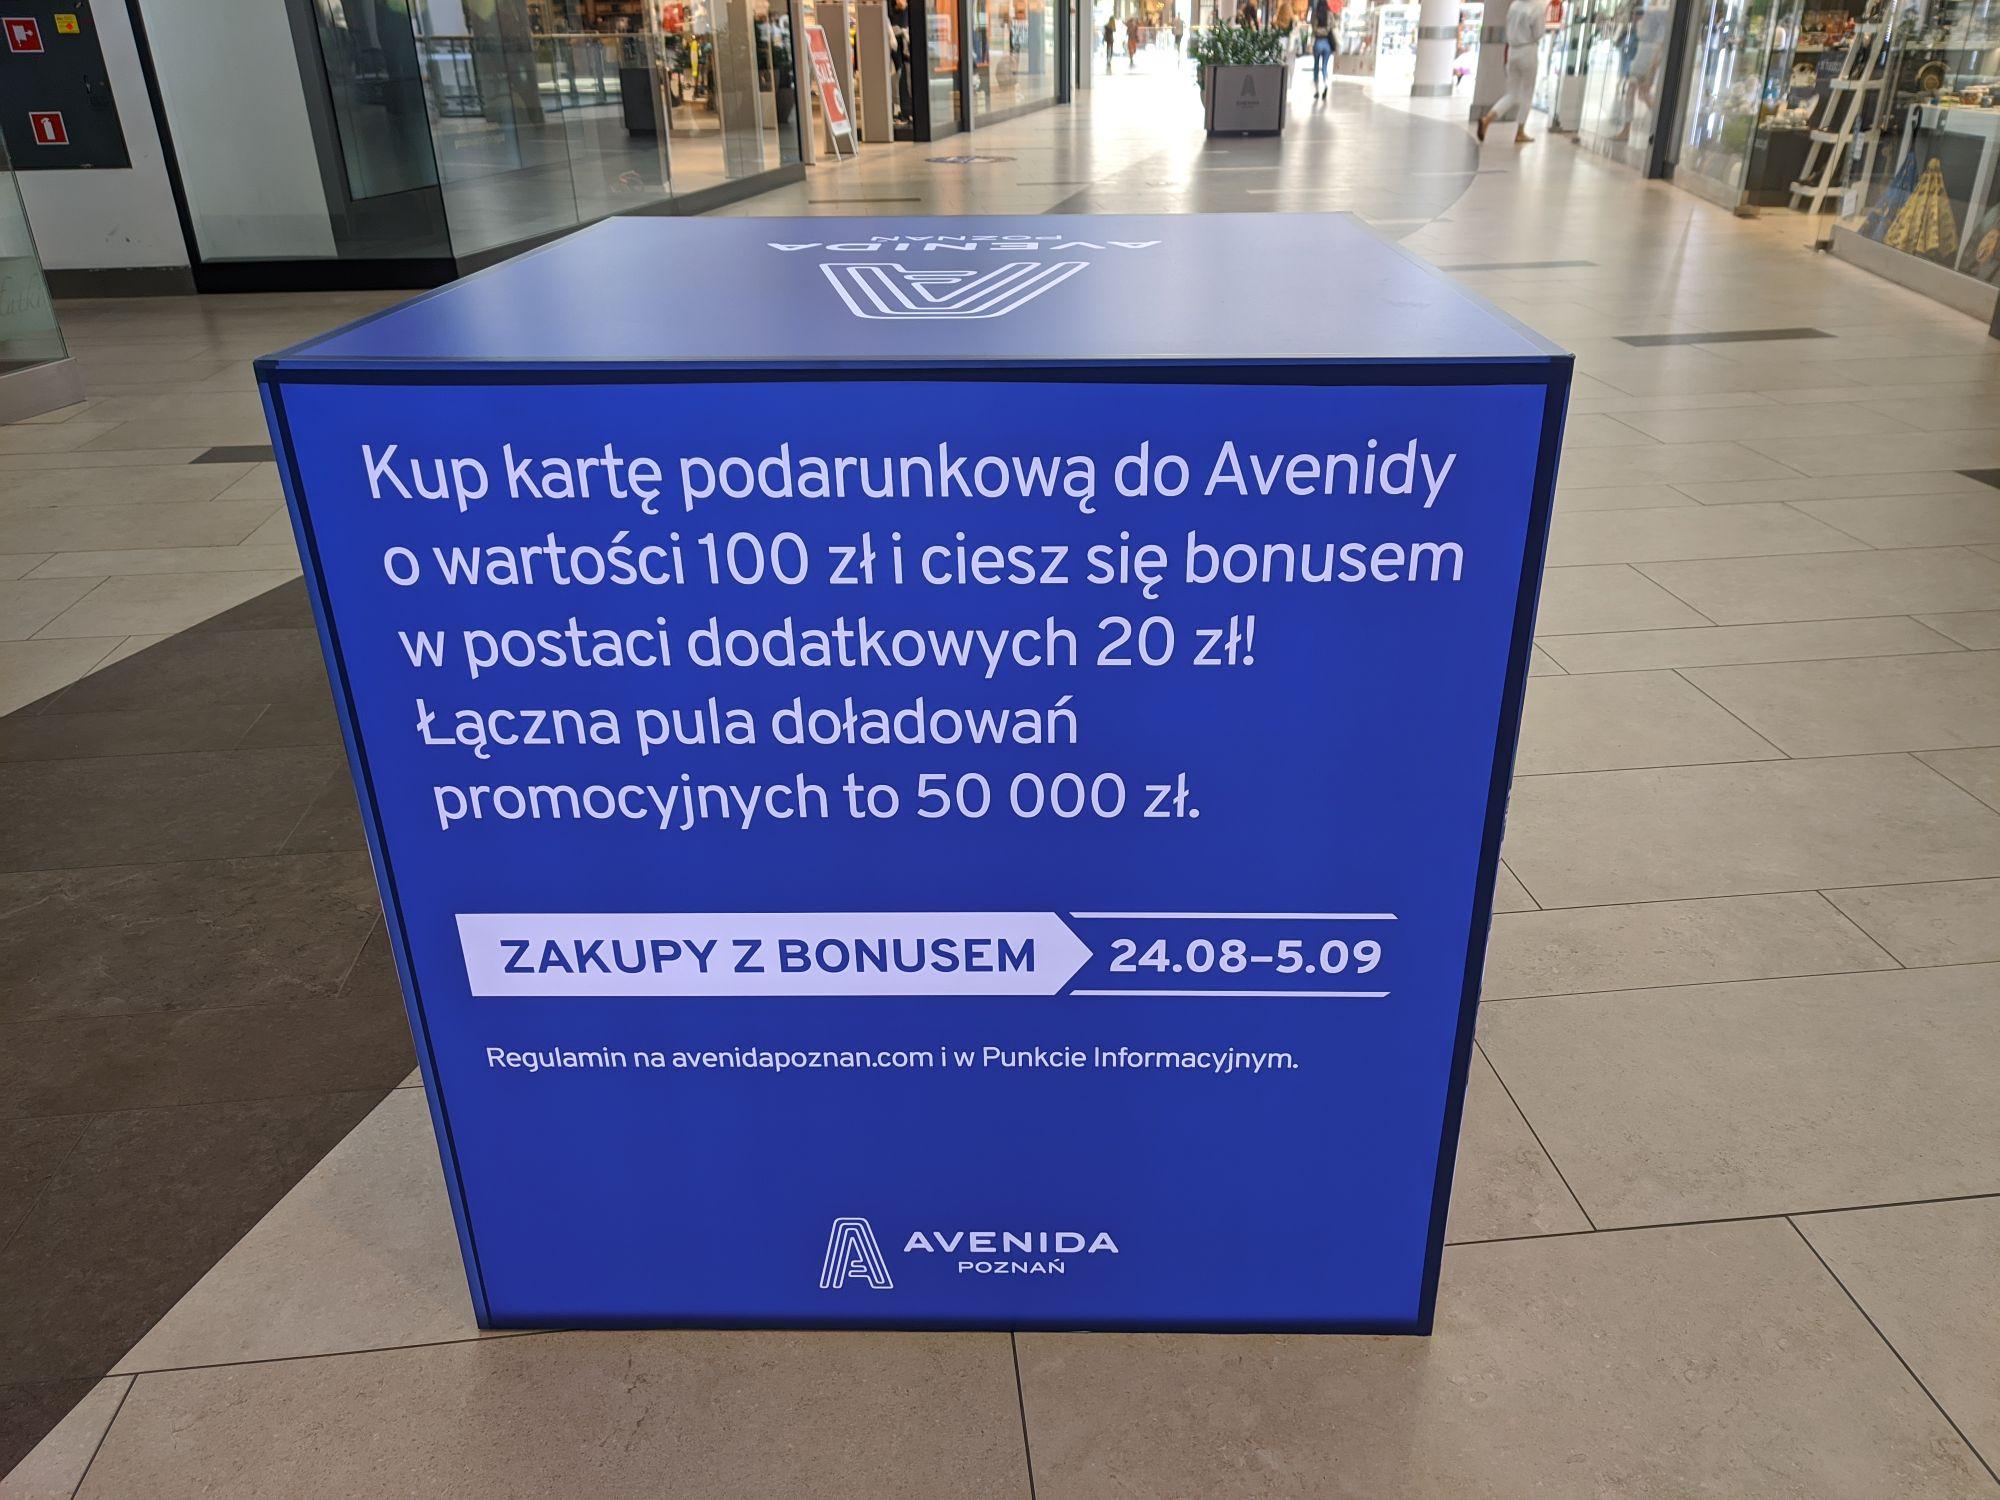 Bonus 20PLN do karty podarunkowej za 100PLN Avenida Poznań